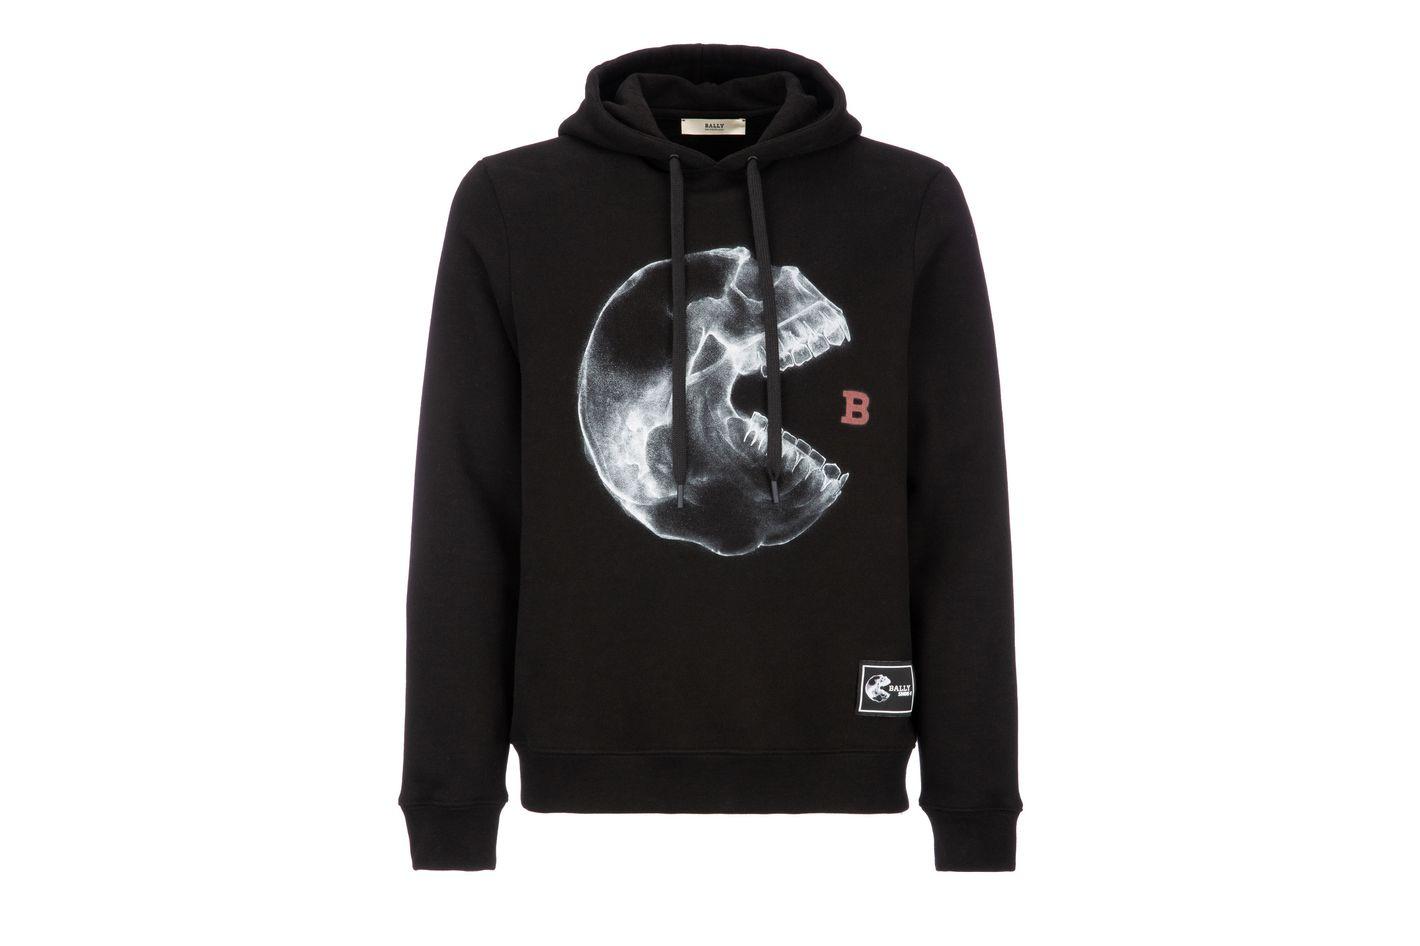 HOODIE X CONSUMERS Men's Cotton Fleece Hoodie in Black